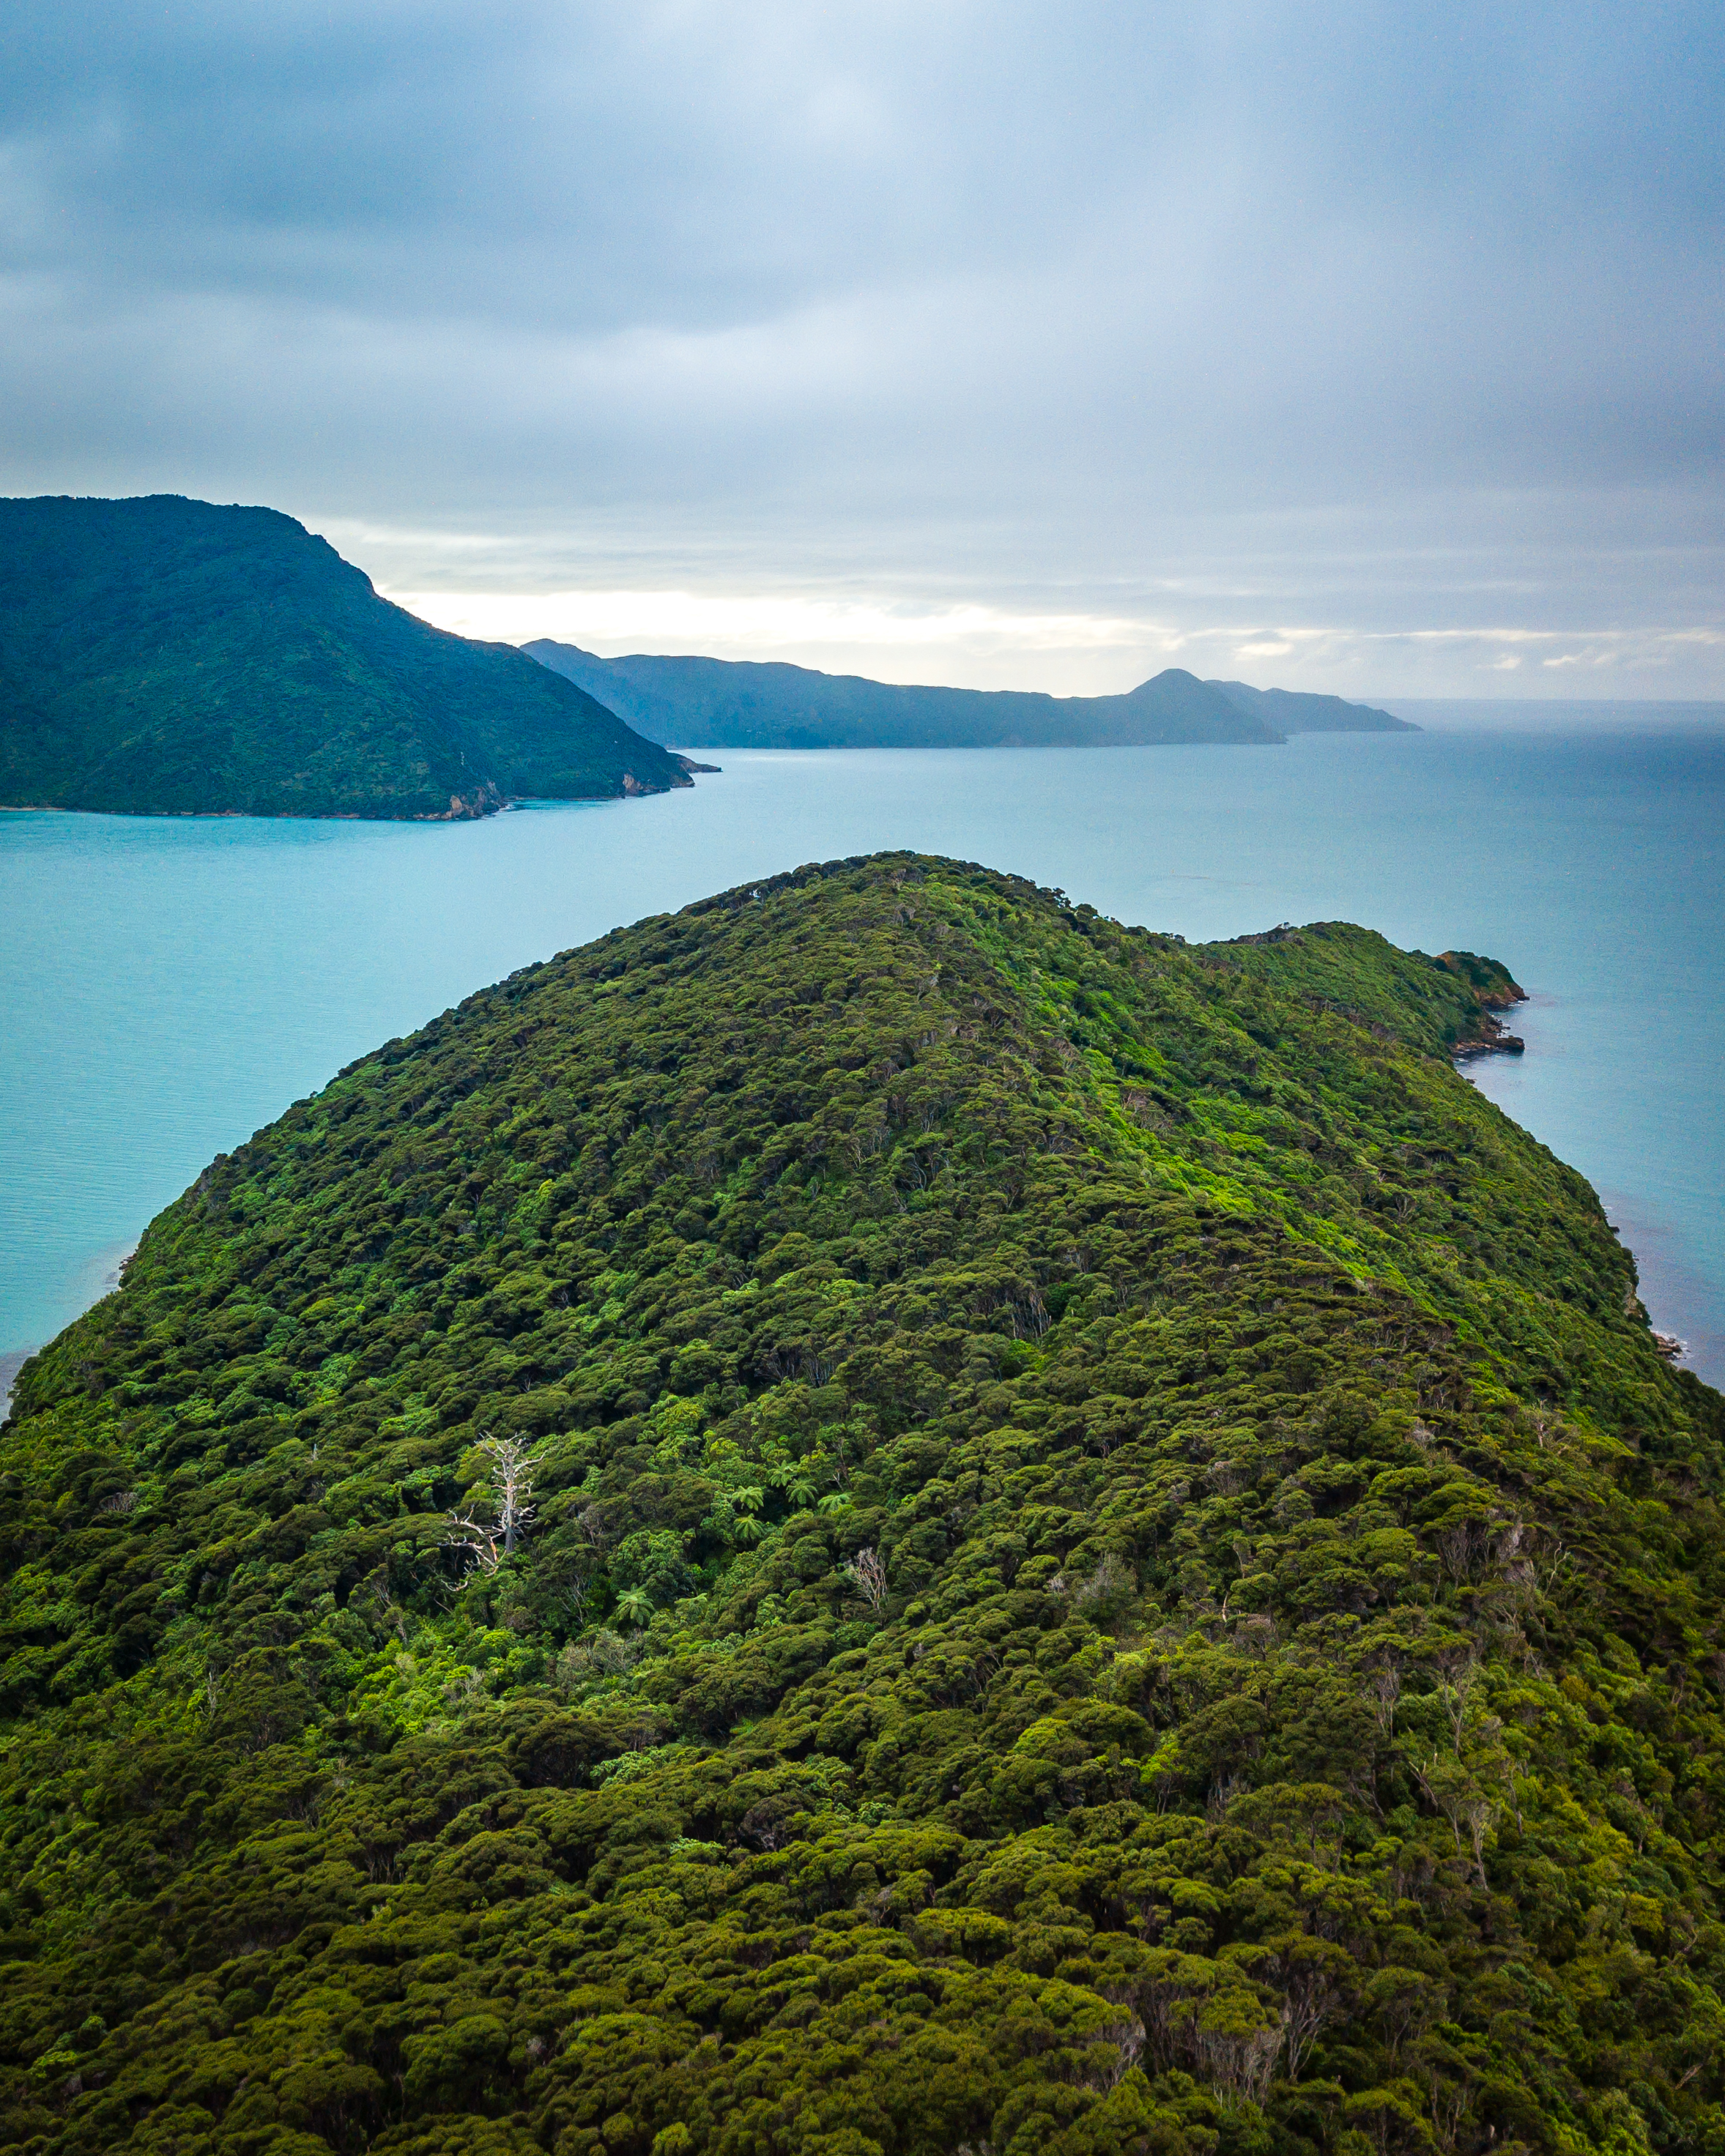 Motuara Island - Marlborough, New Zealand